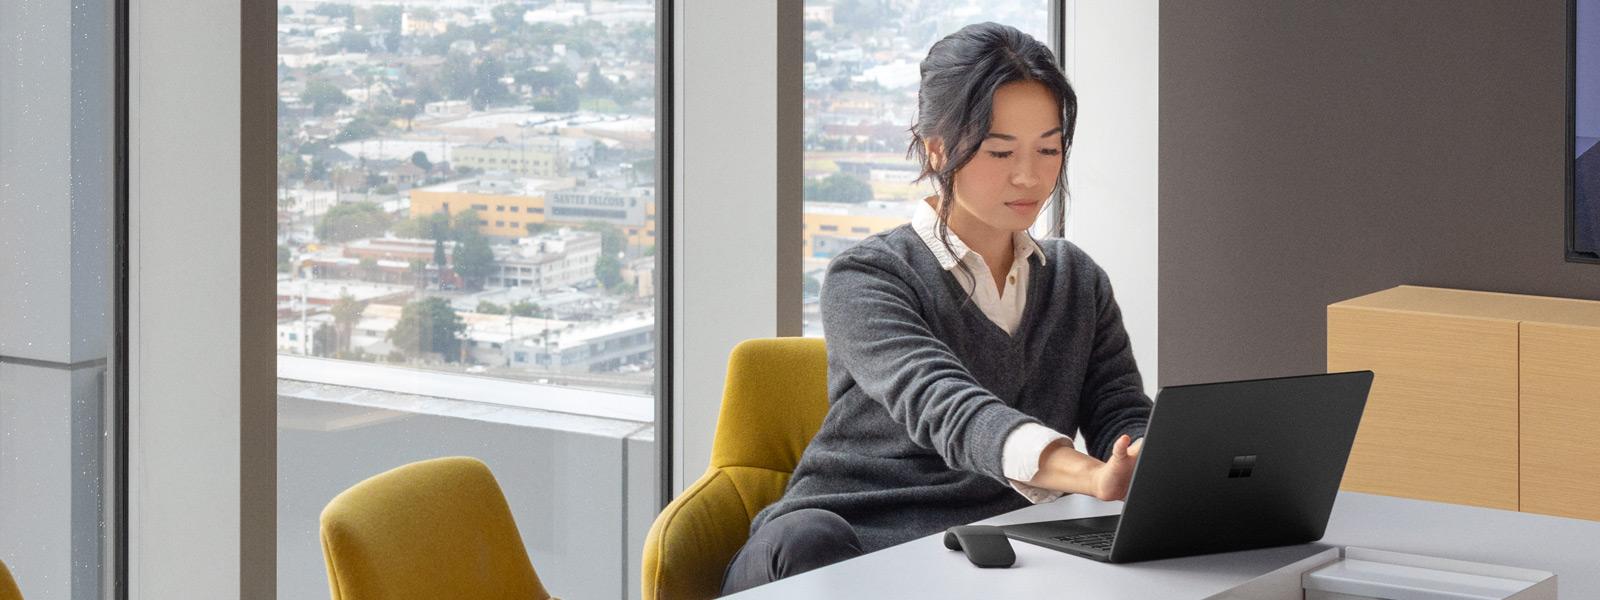 Une femme travaille à son bureau sur son SurfaceLaptop2 couleur noir mat